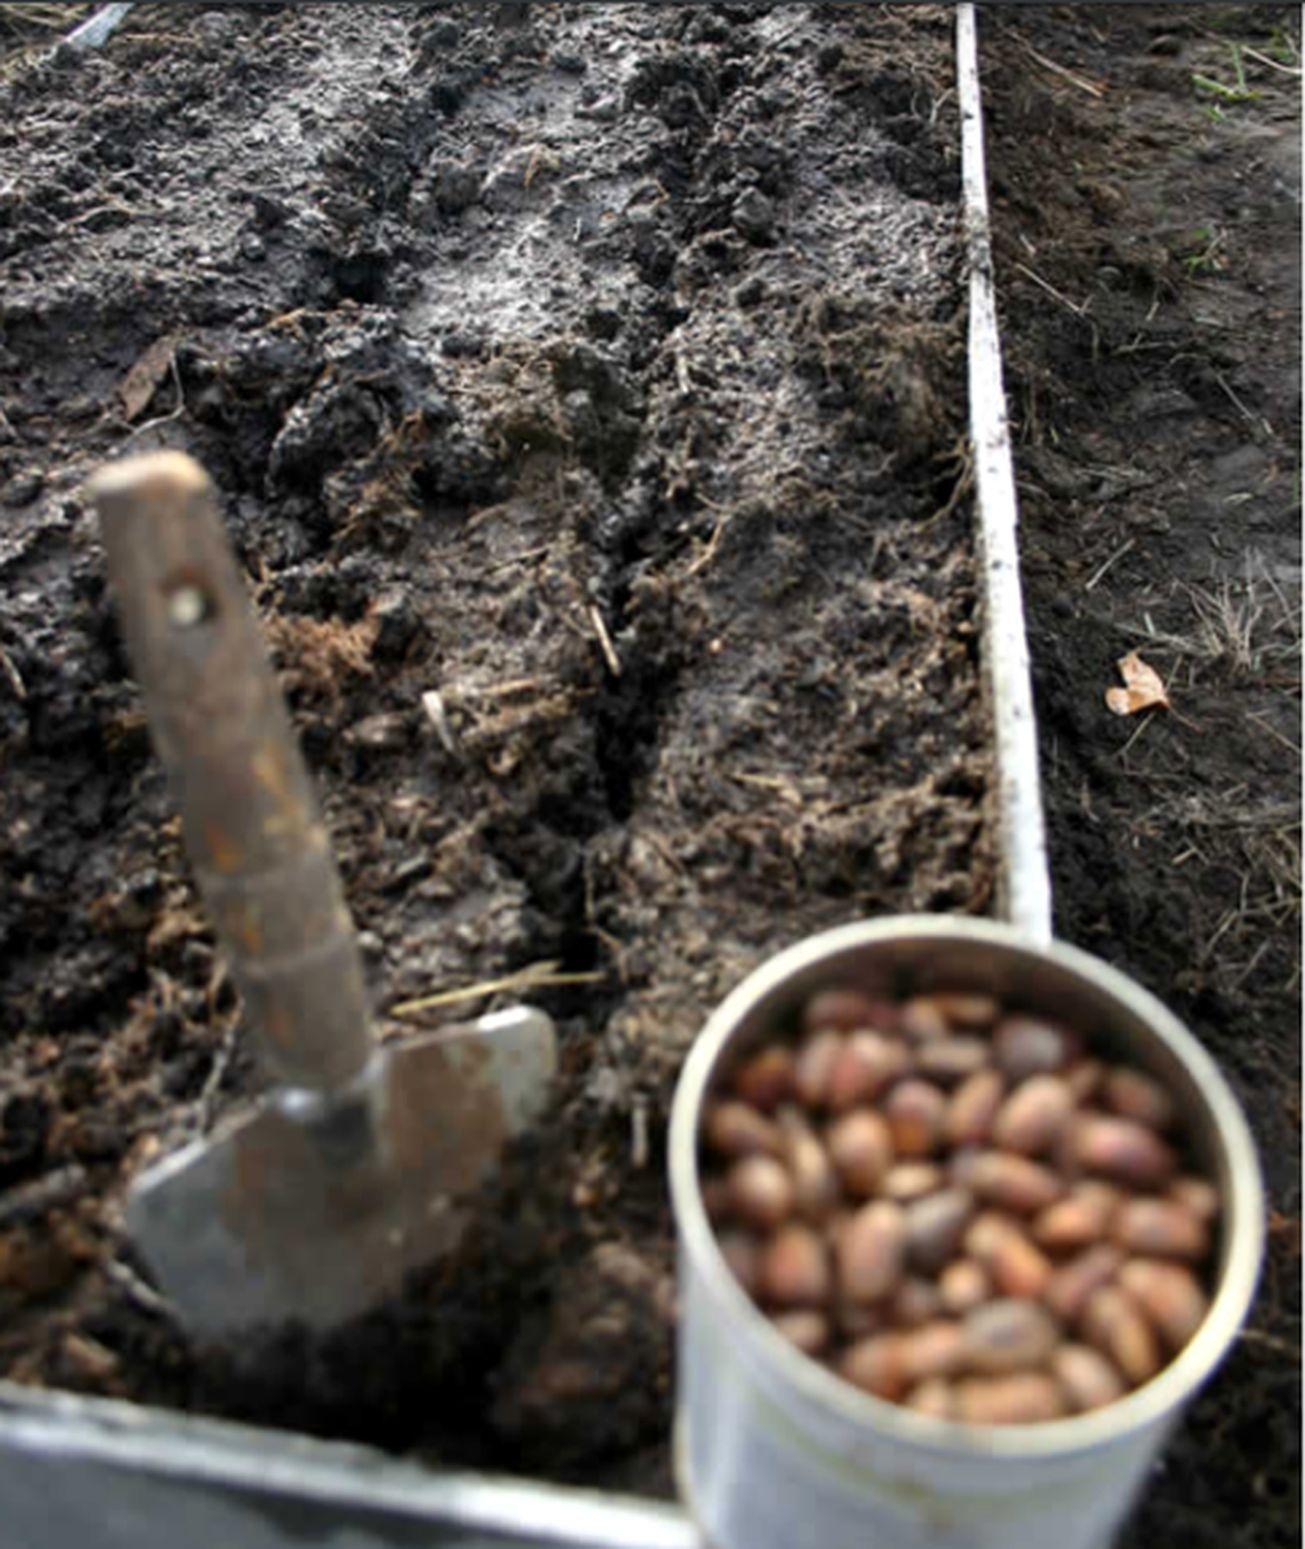 Школка для растений (1).jpg